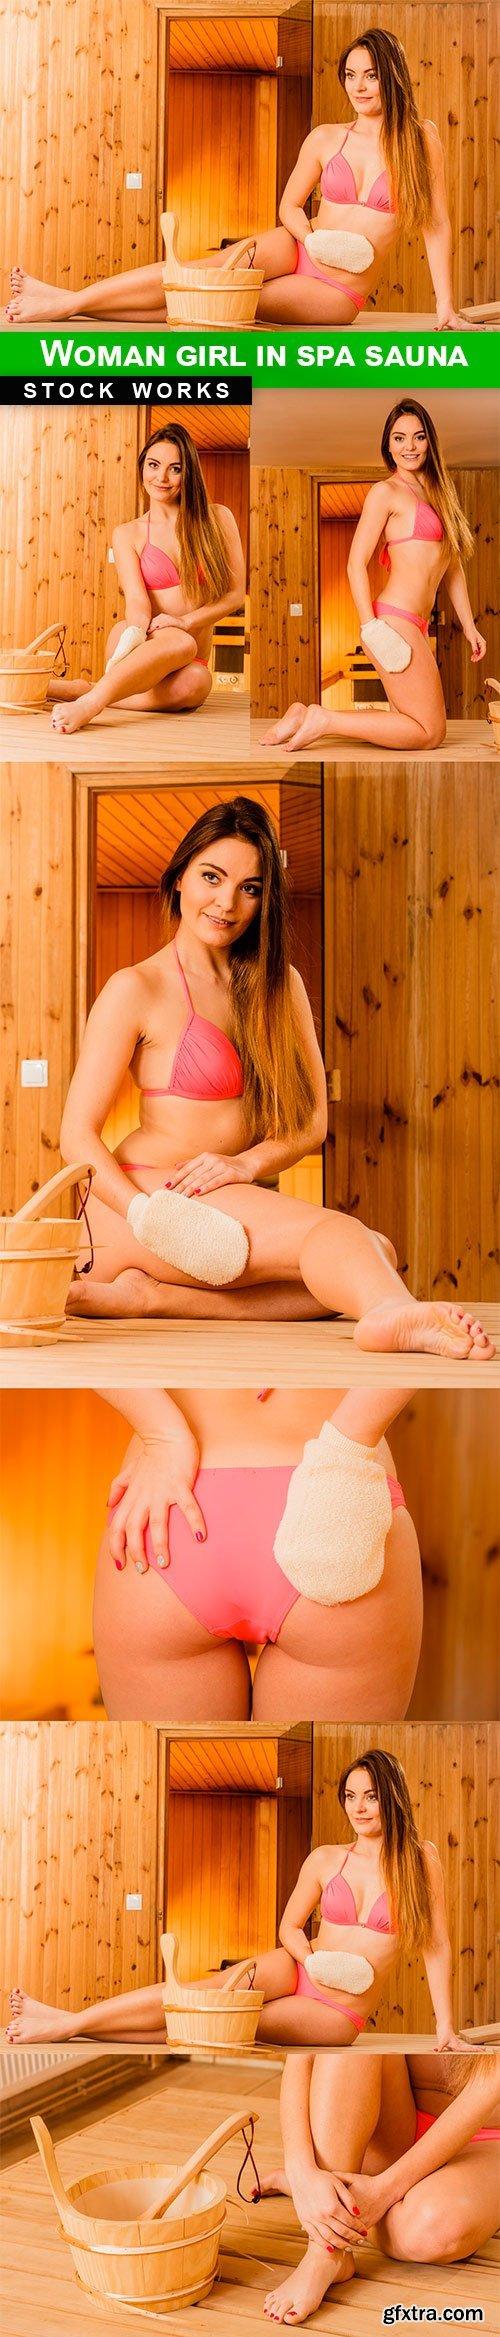 Woman girl in spa sauna